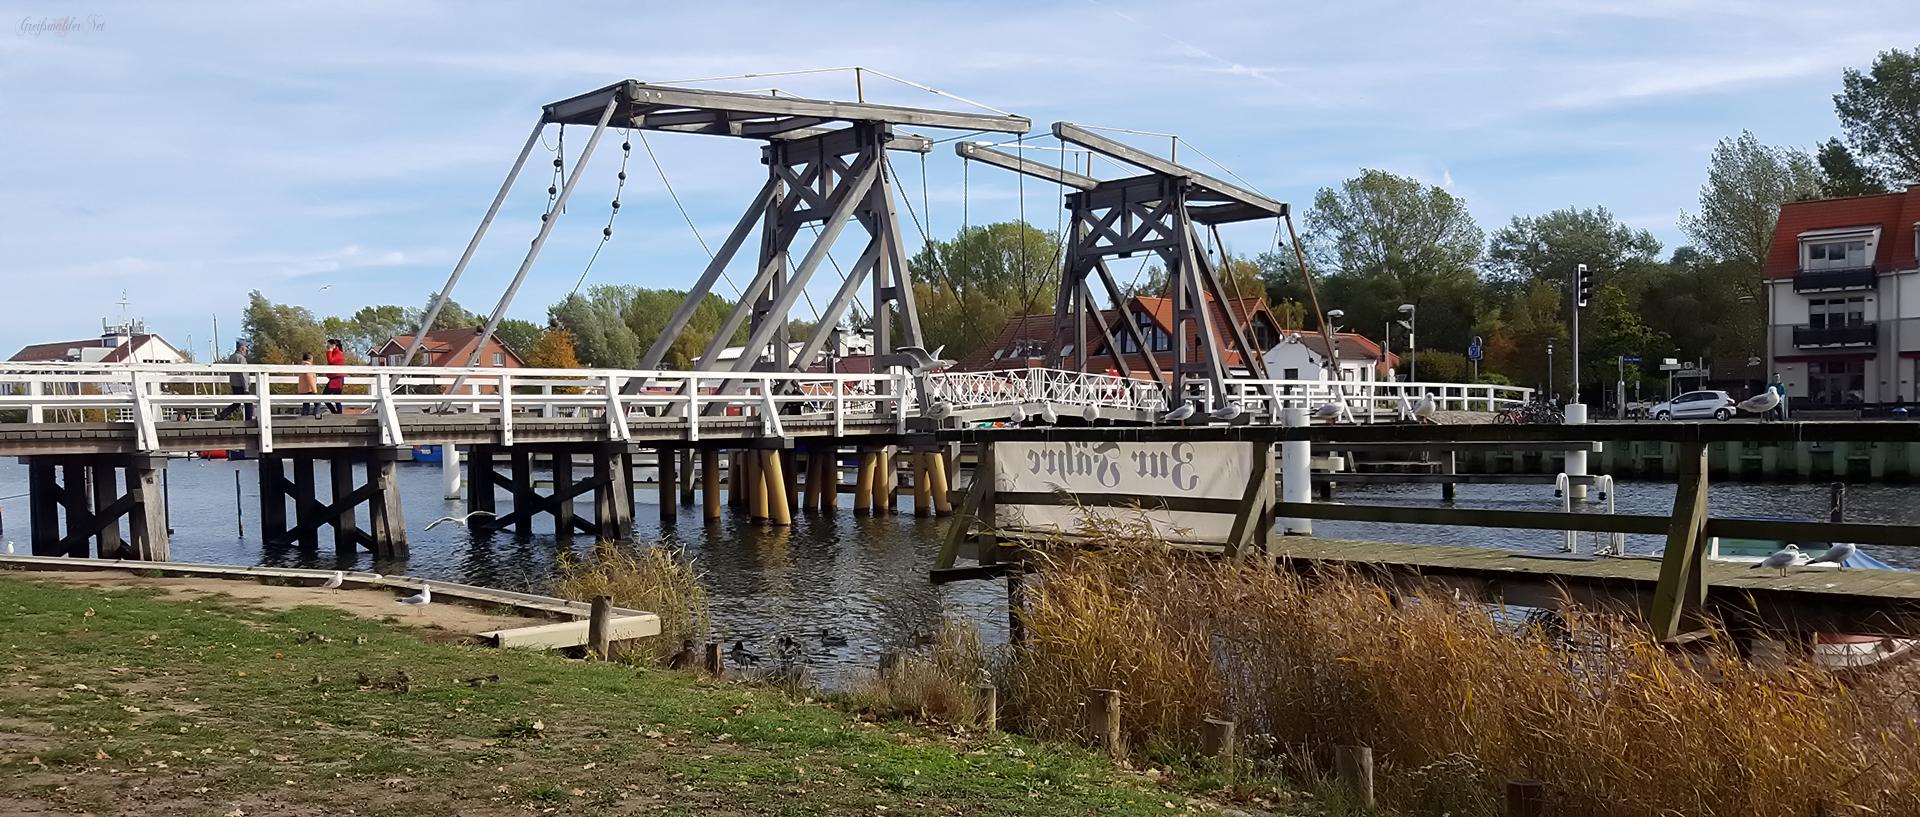 gemütliches Plätzchen an der Klappbrücke in Greifswald-Wieck